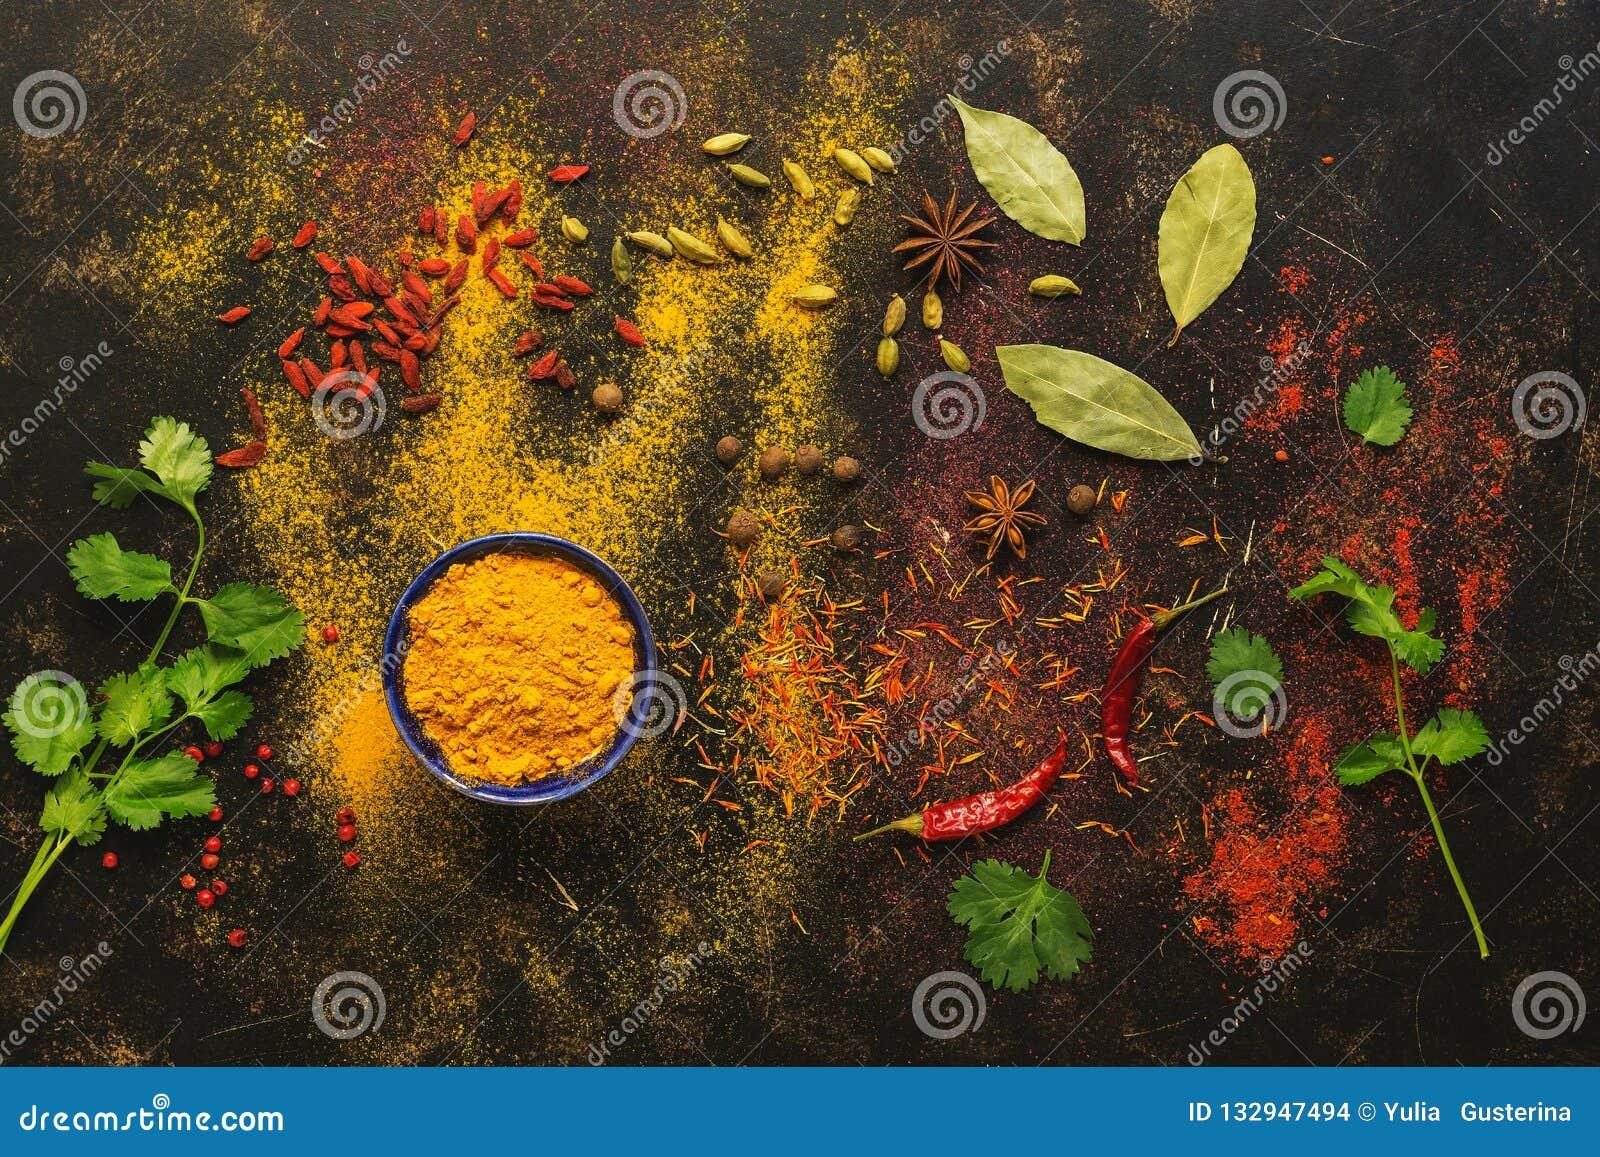 Spezie su un fondo scuro, curcuma, zafferano, cardamomo, peperoncino, paprica, coriandolo, foglia di alloro Varie spezie colorate